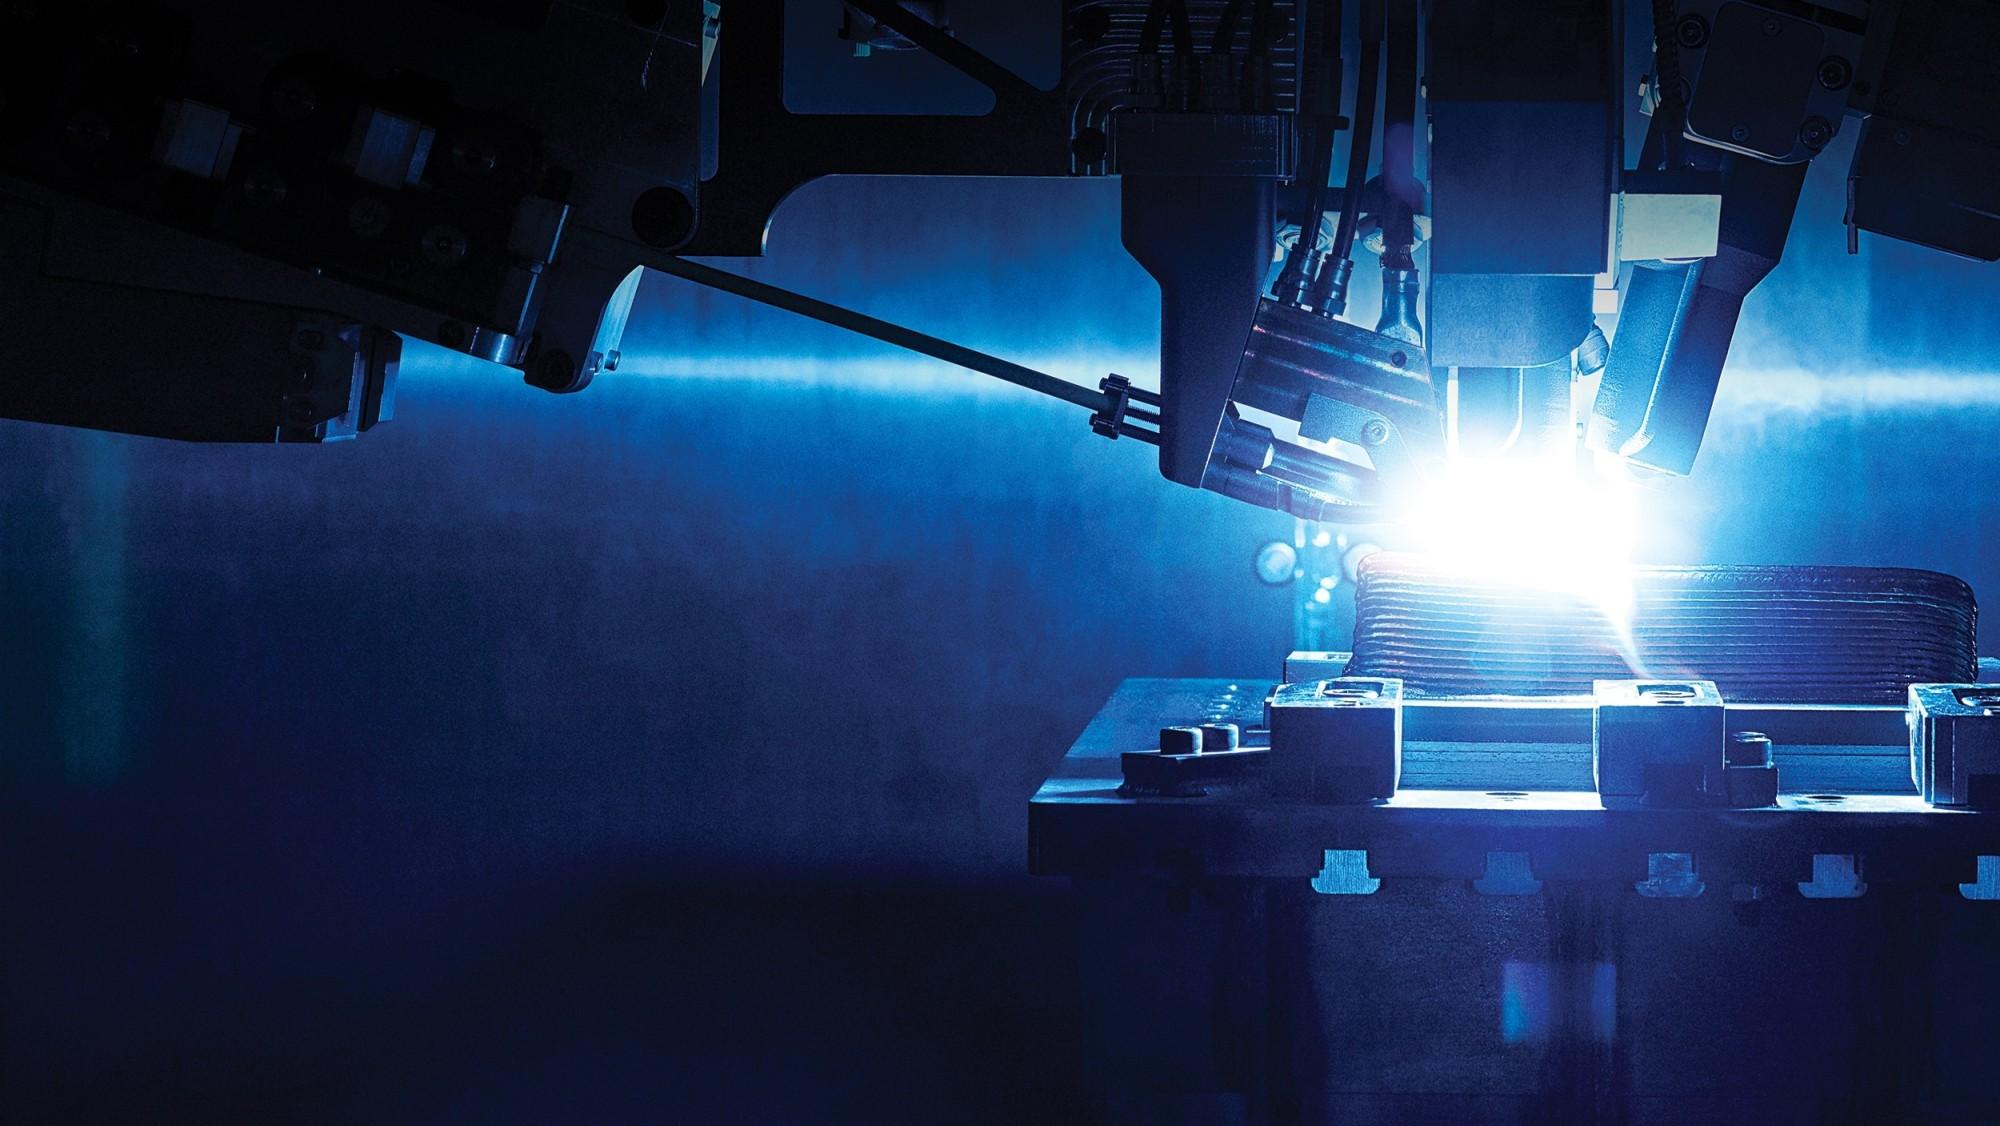 Titanium 3D Printing - How to Get Titanium Parts 3D Printed | All3DP